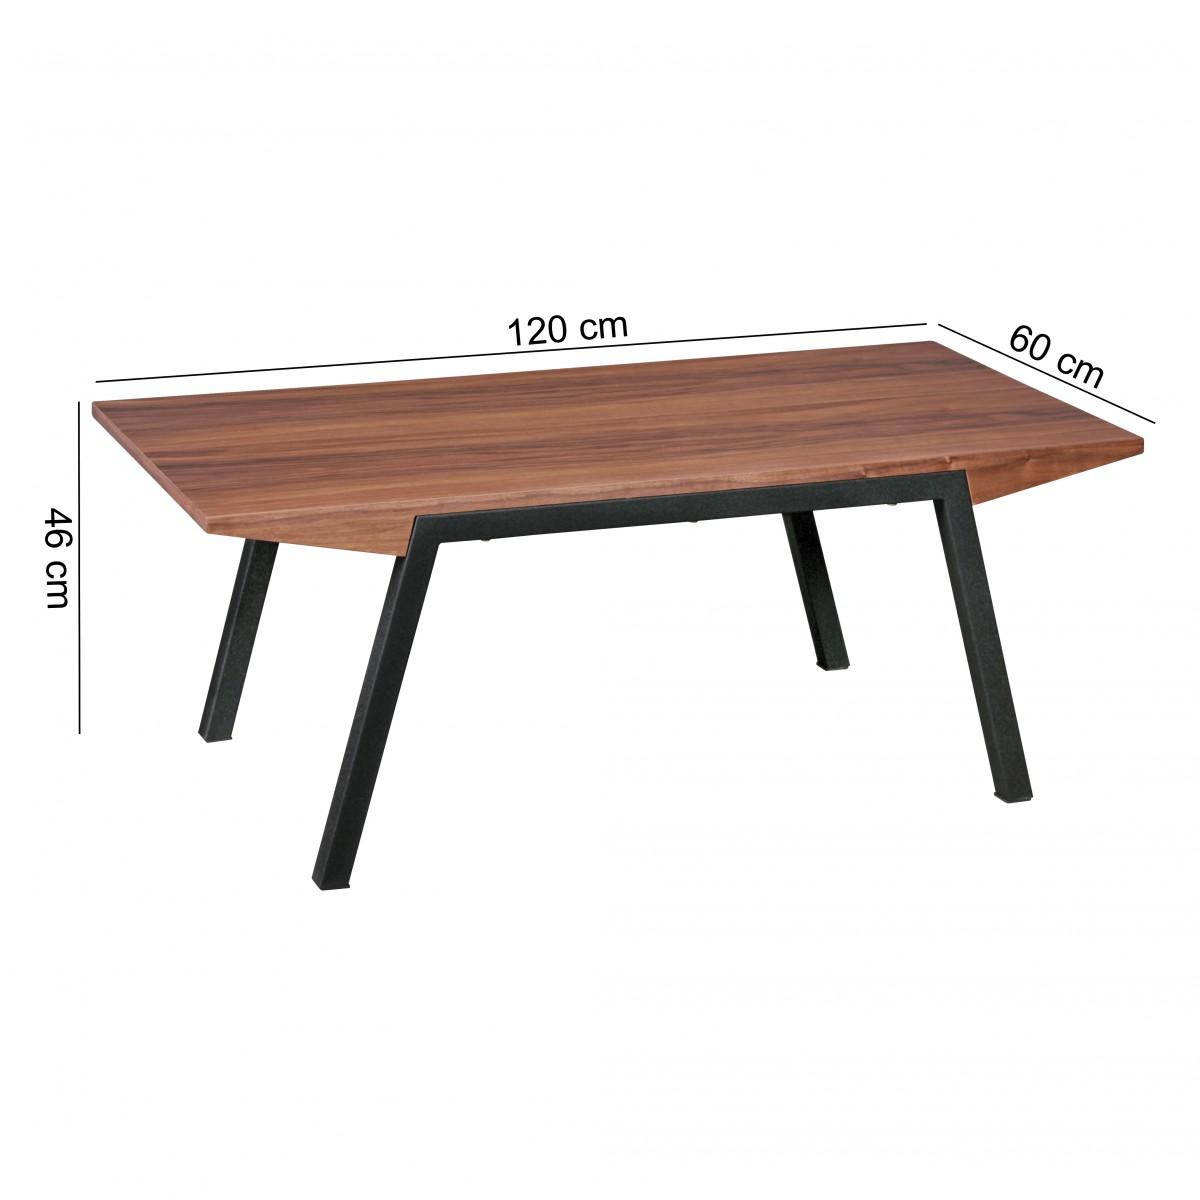 Finebuy couchtisch mdf holz walnuss design wohnzimmertisch for Tische holz design